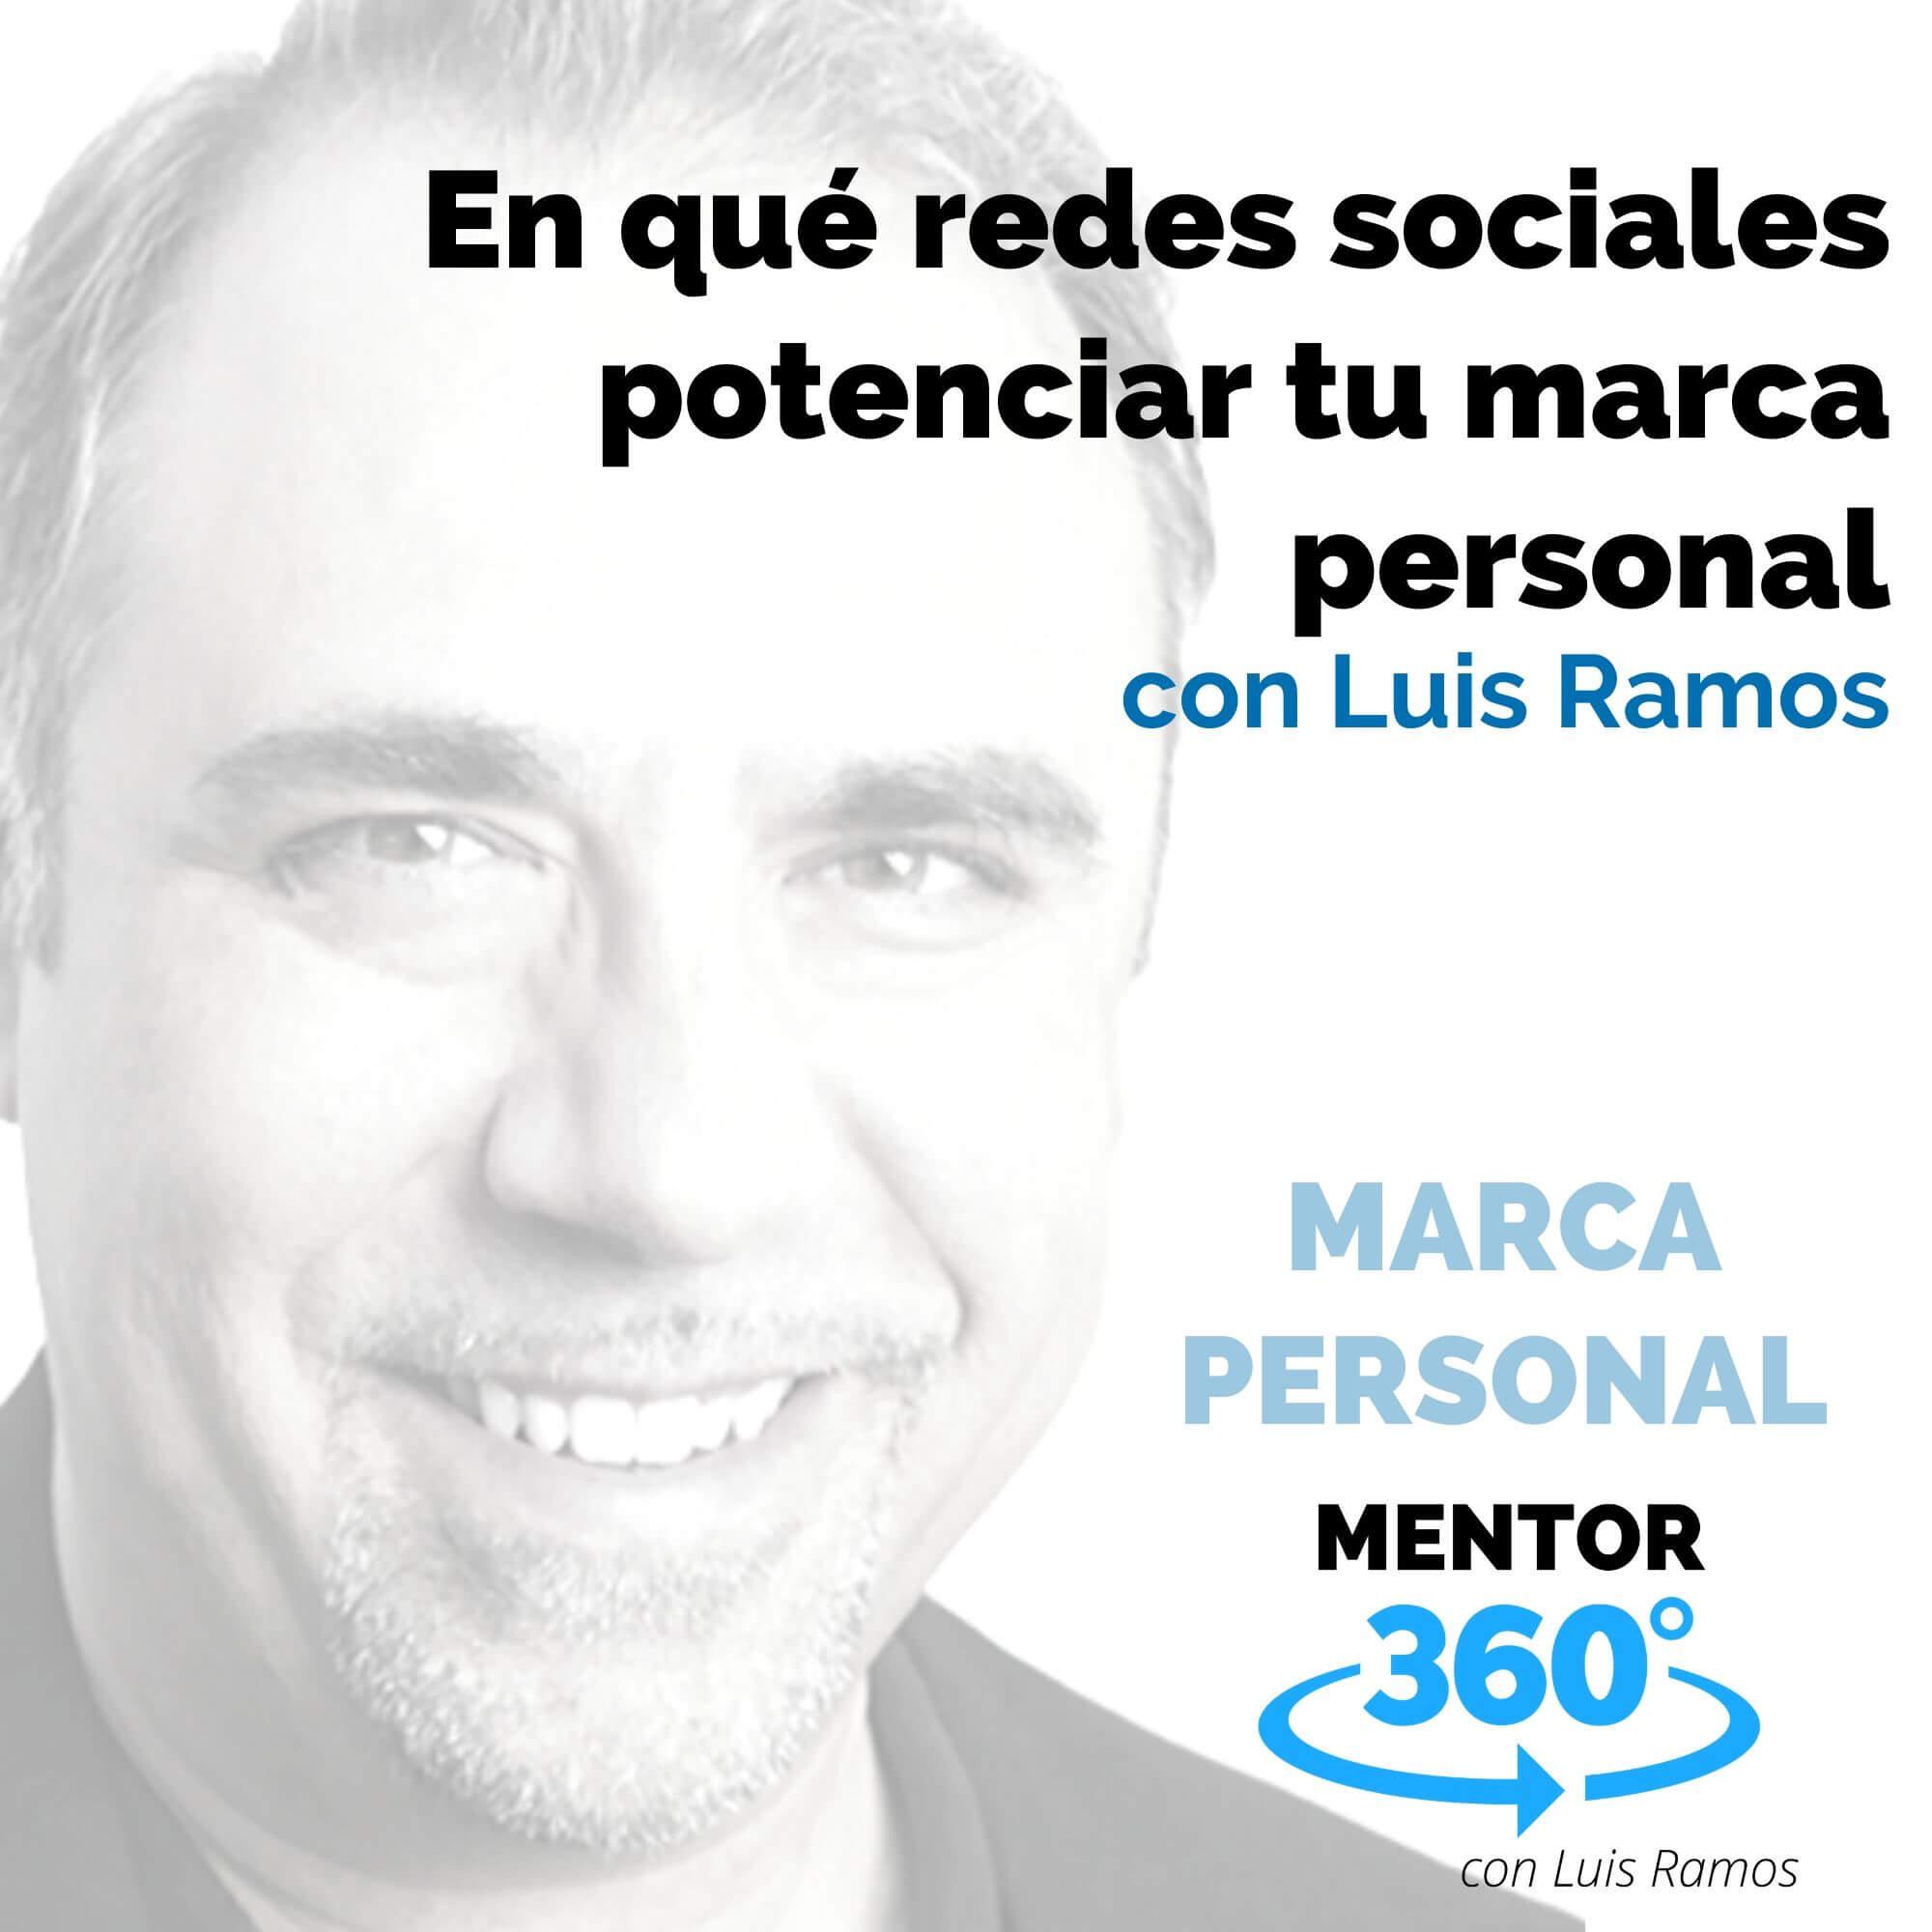 En qué redes sociales potenciar tu marca personal, con Luis Ramos - MARCA PERSONAL